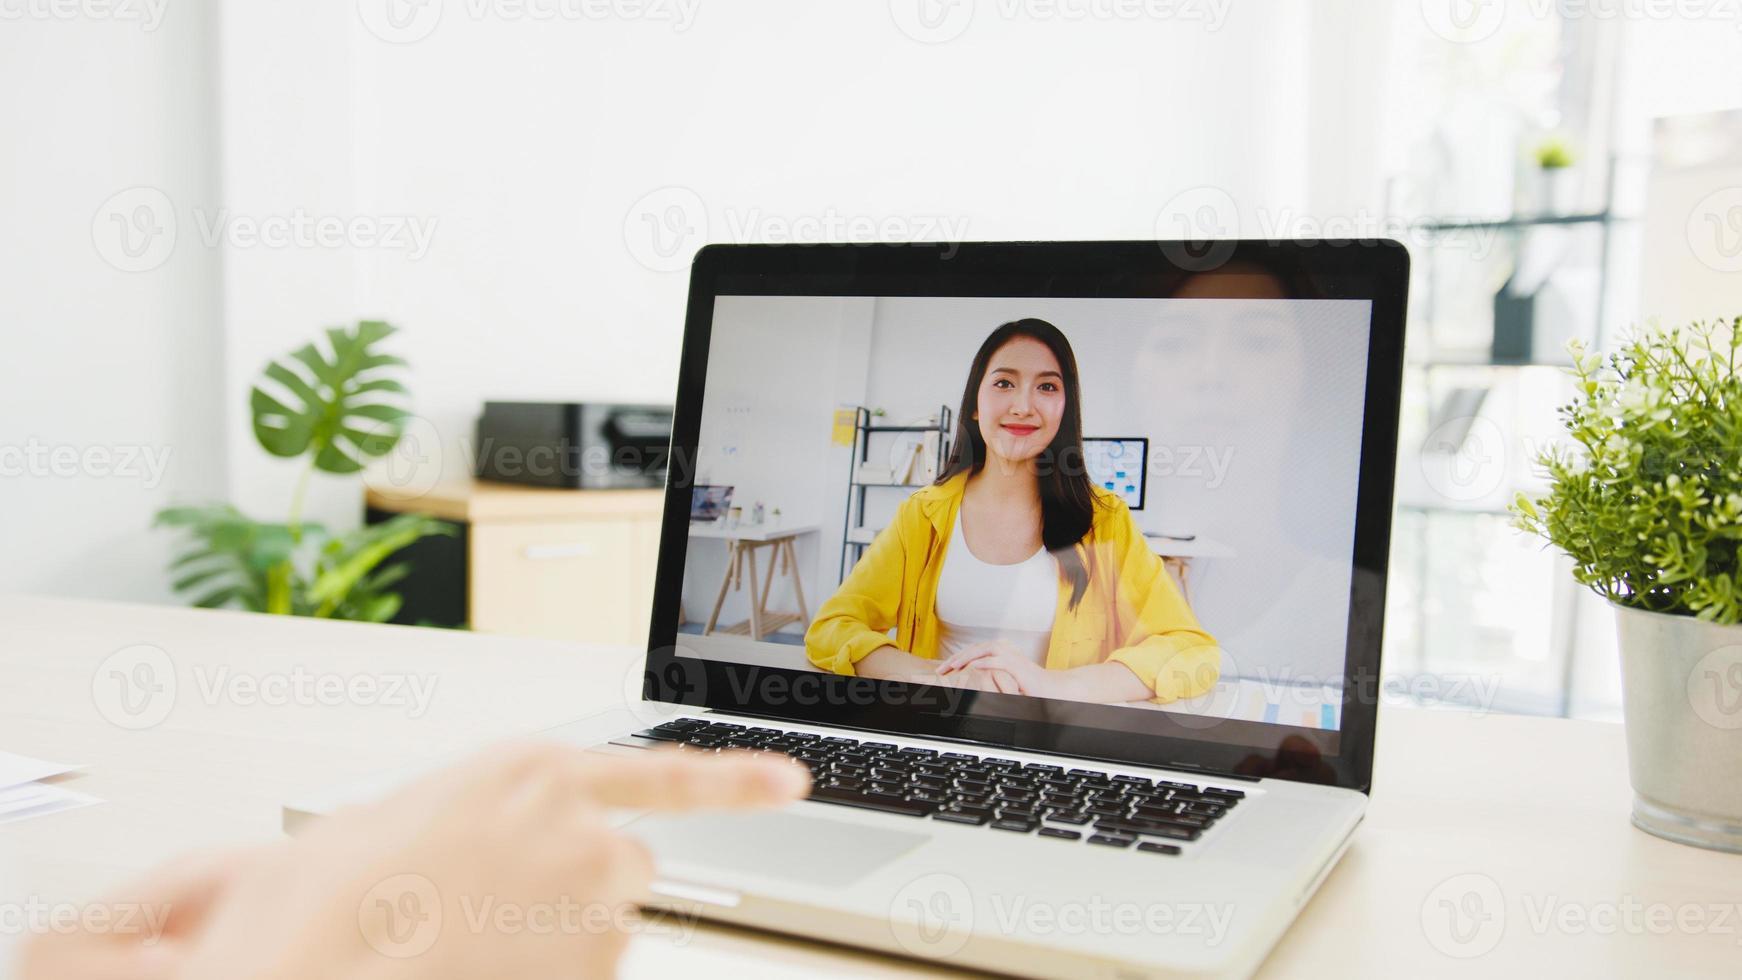 asiatisk affärskvinna som använder bärbar dator prata med kollegor om planering i videosamtalsmöte medan du arbetar hemifrån i vardagsrummet. självisolering, social distansering, karantän för förebyggande av corona-virus. foto